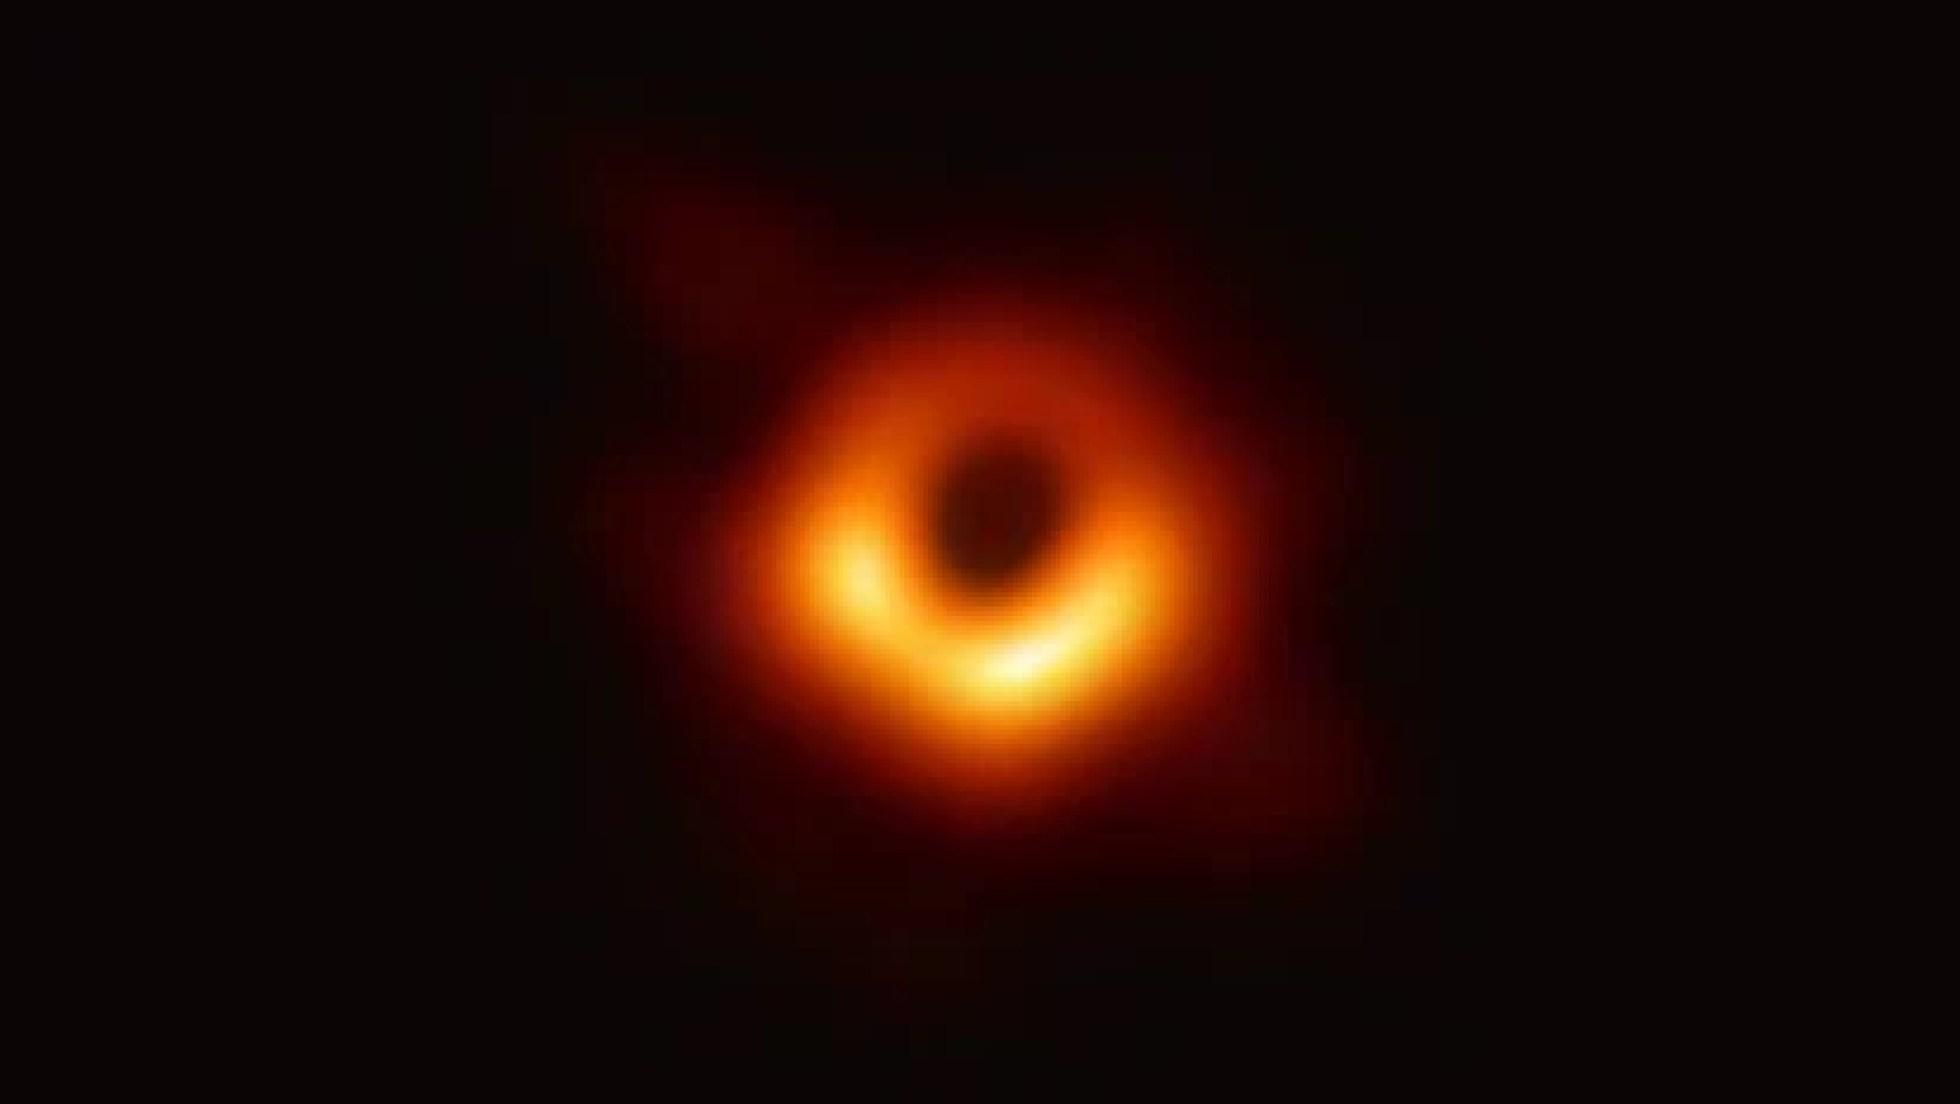 Imagen del agujero negro en el centro de la galaxia M87.